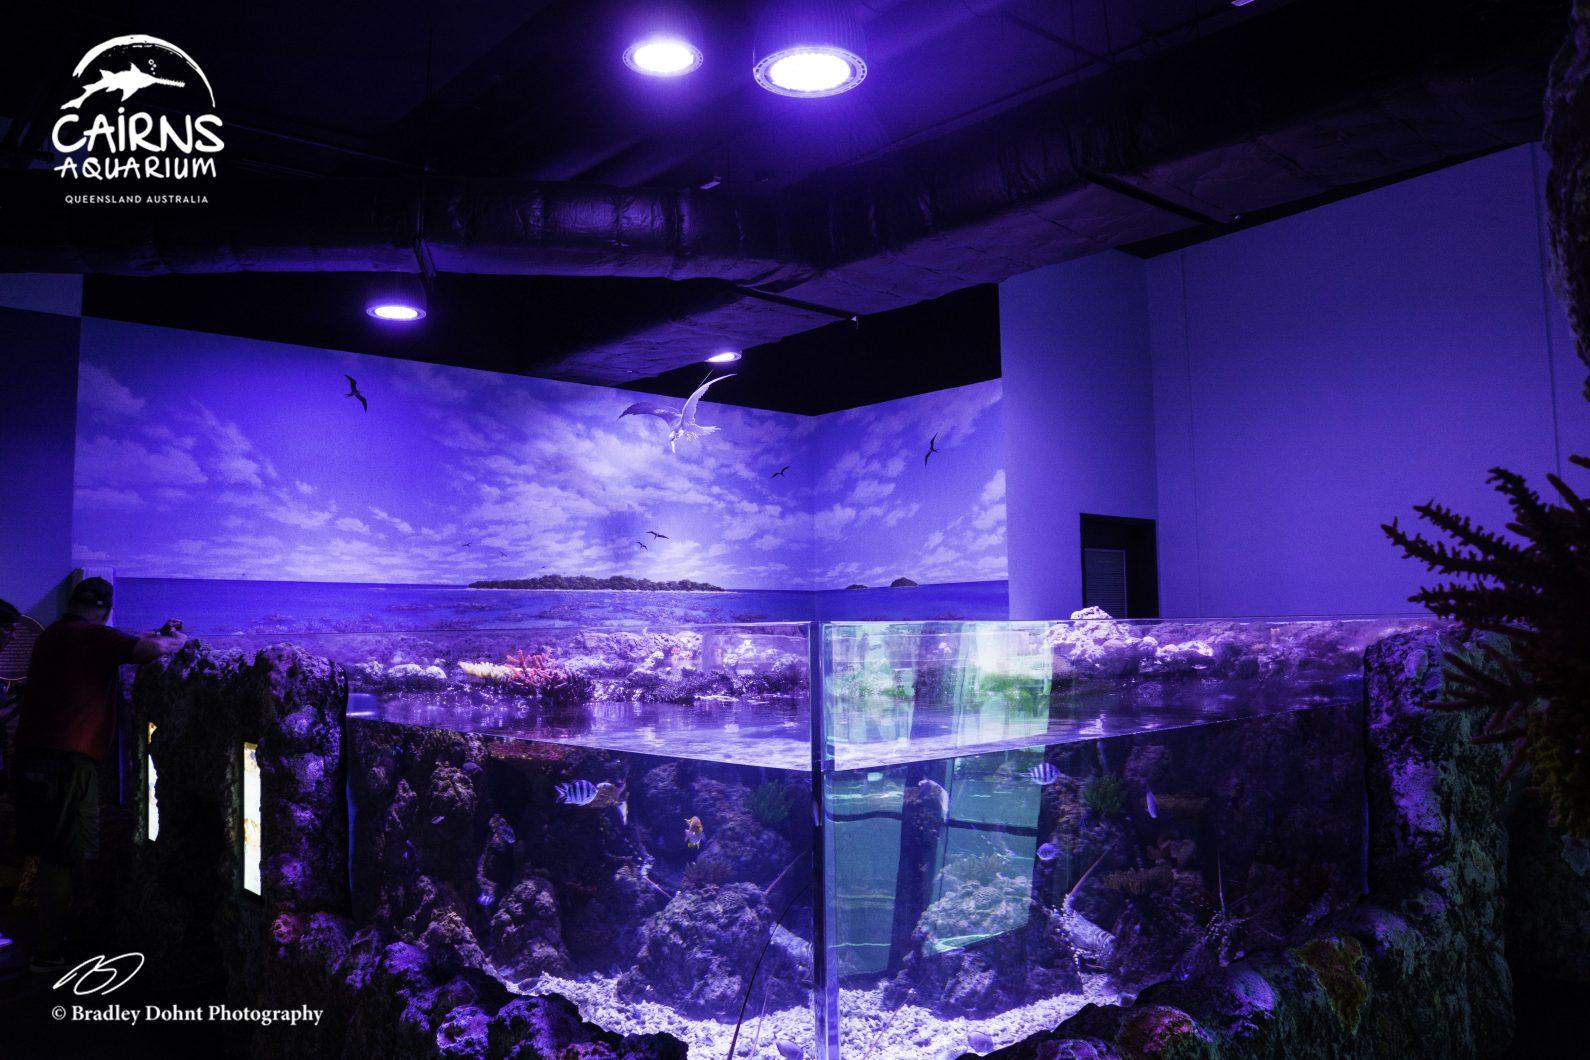 பொது உப்பு நீர் மீன்வளத்திற்கான சிறந்த விளக்குகள்